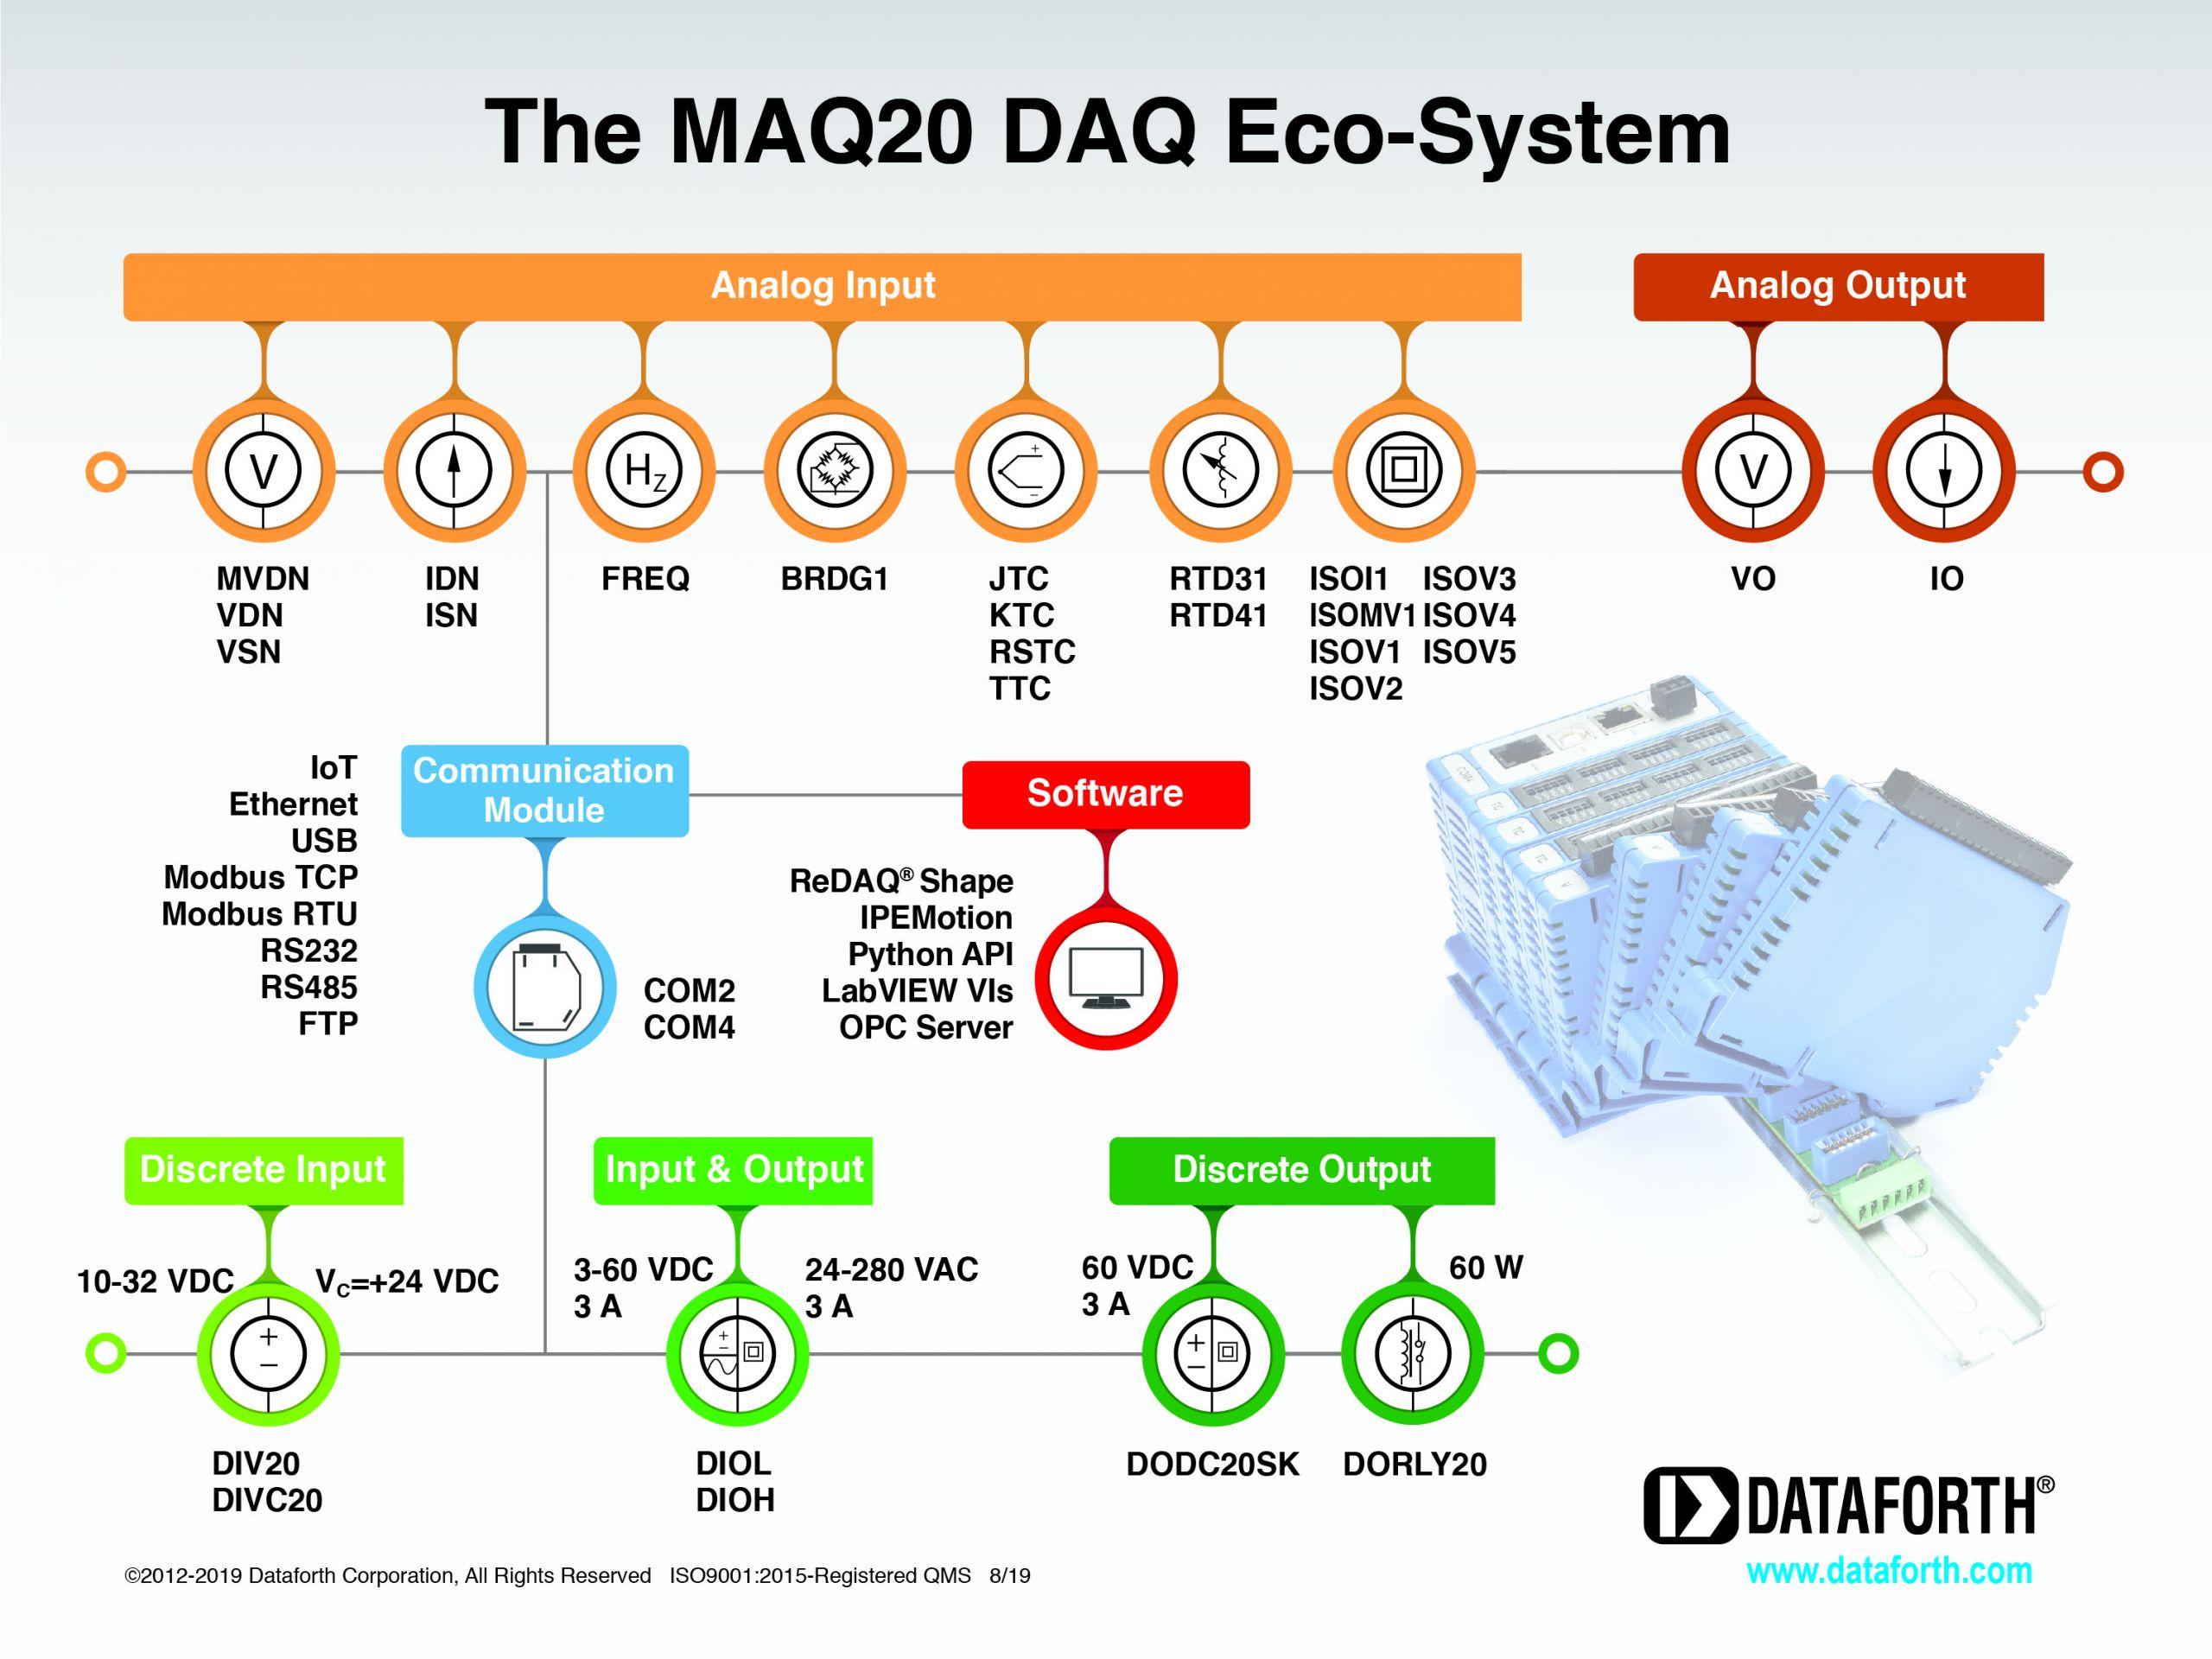 Ecosistema modulare MAQ20 di Dataforth